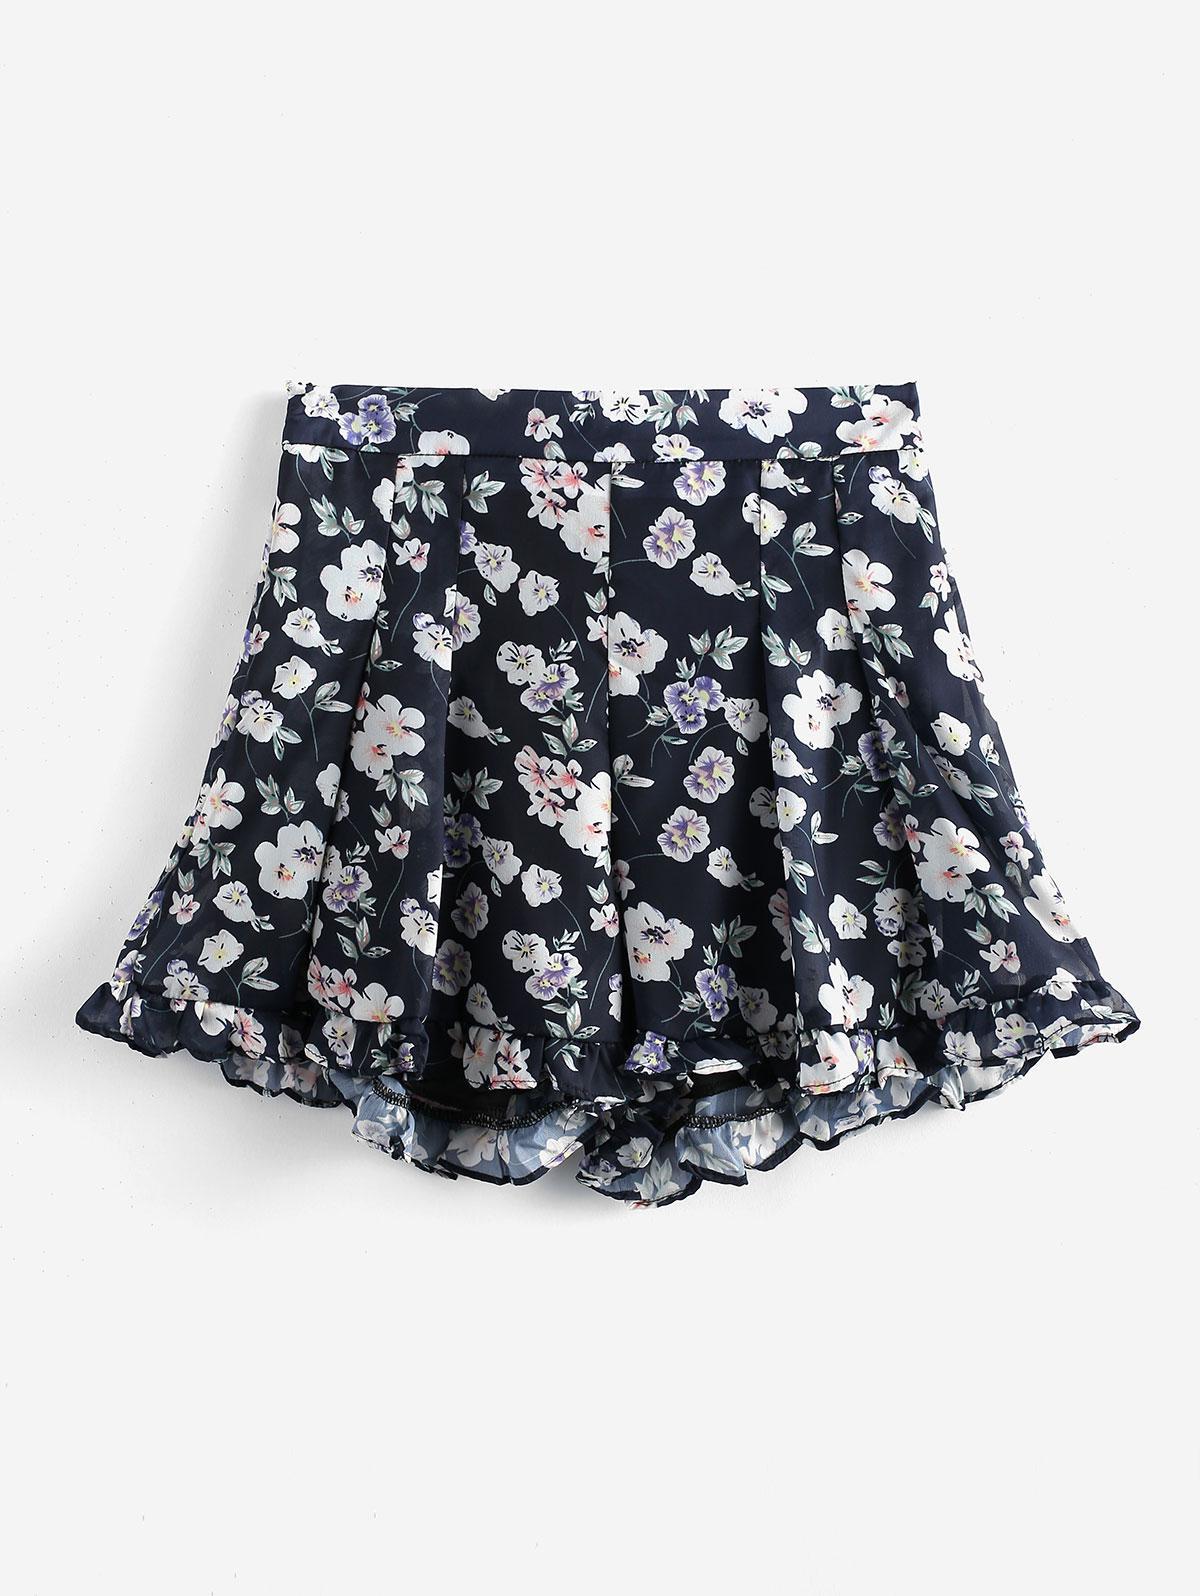 Floral Chiffon Ruffled Shorts